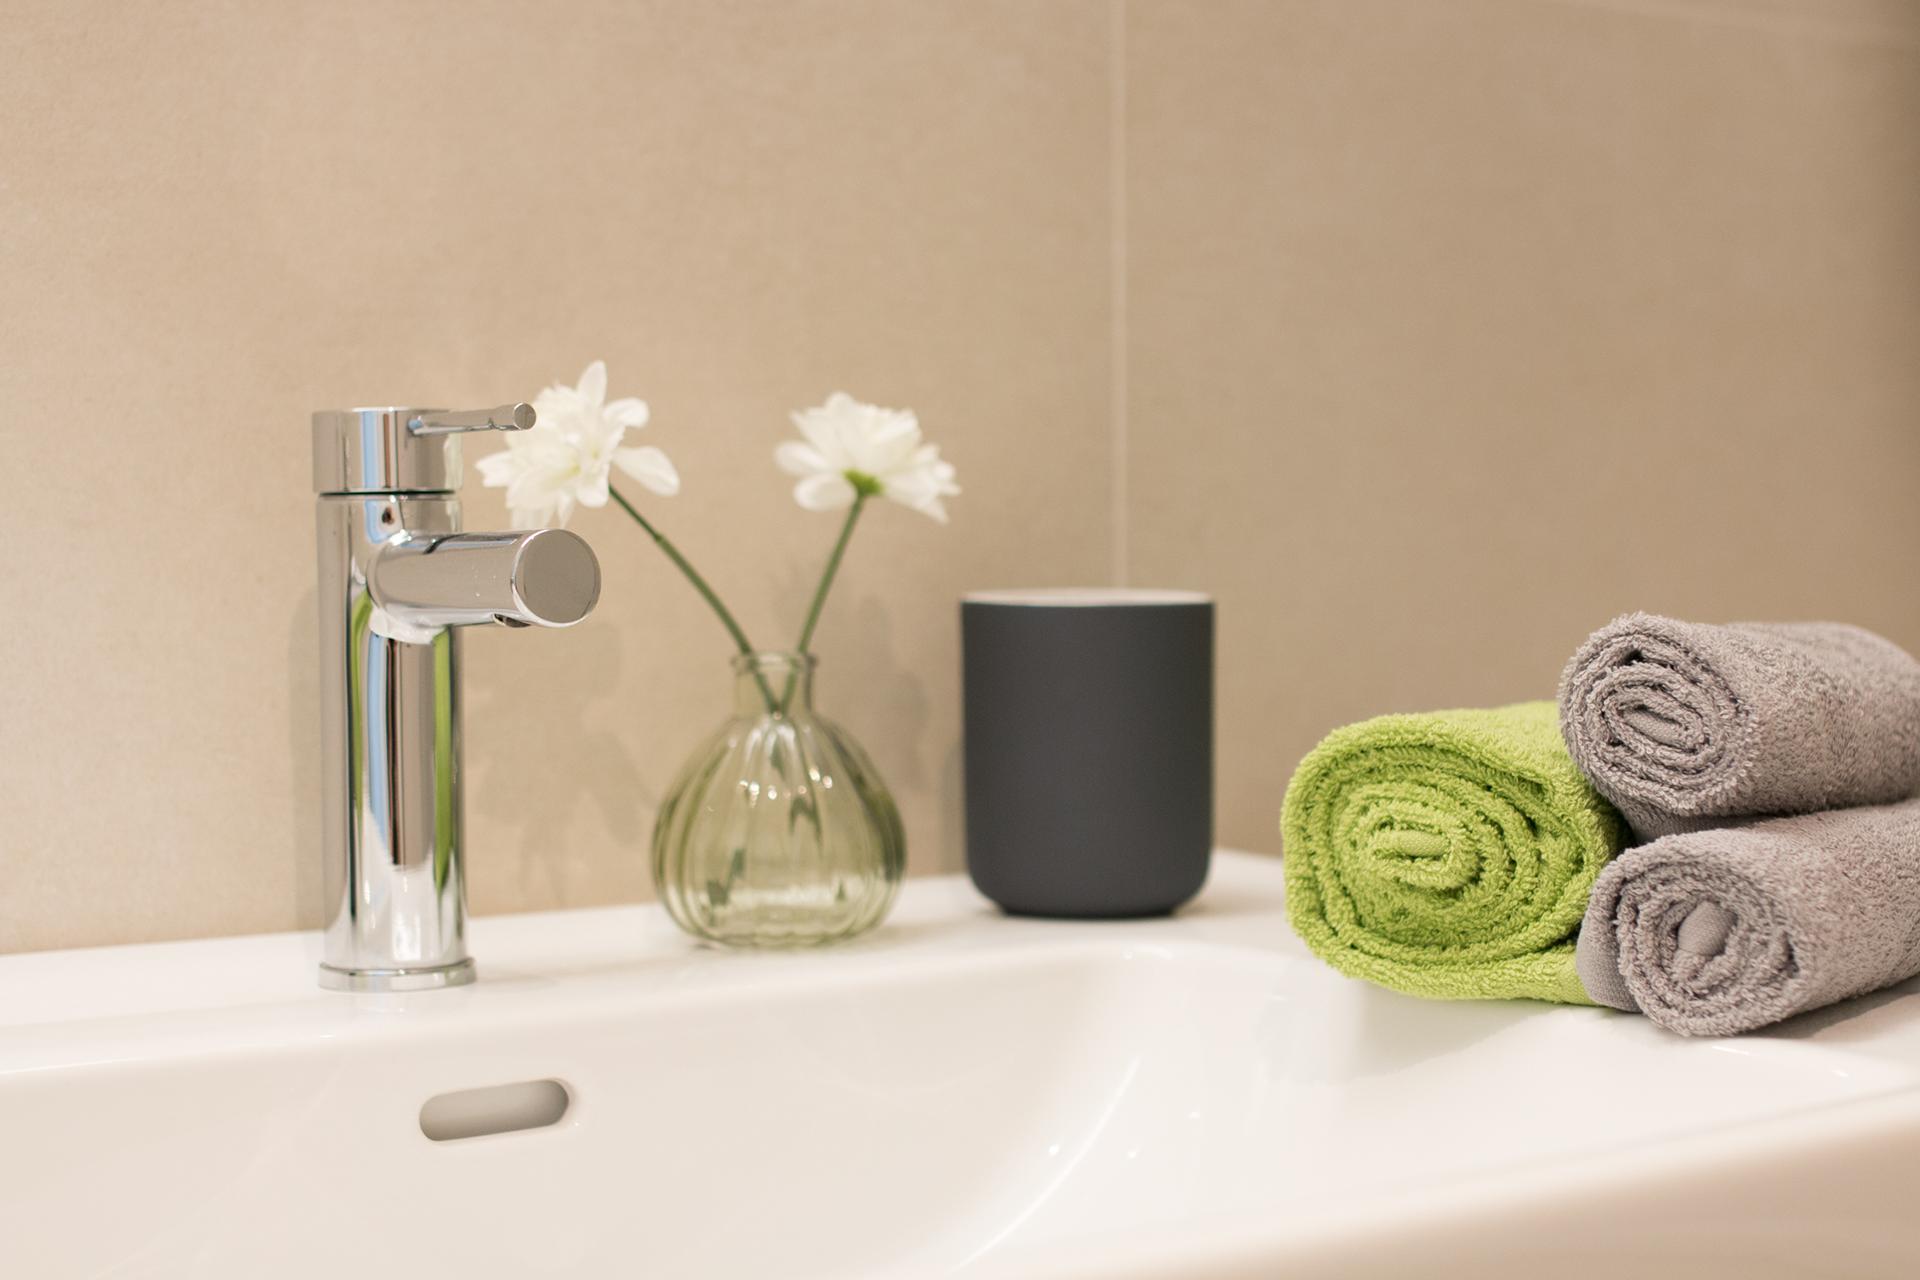 Badezimmer, Blumen, Schön, Grün